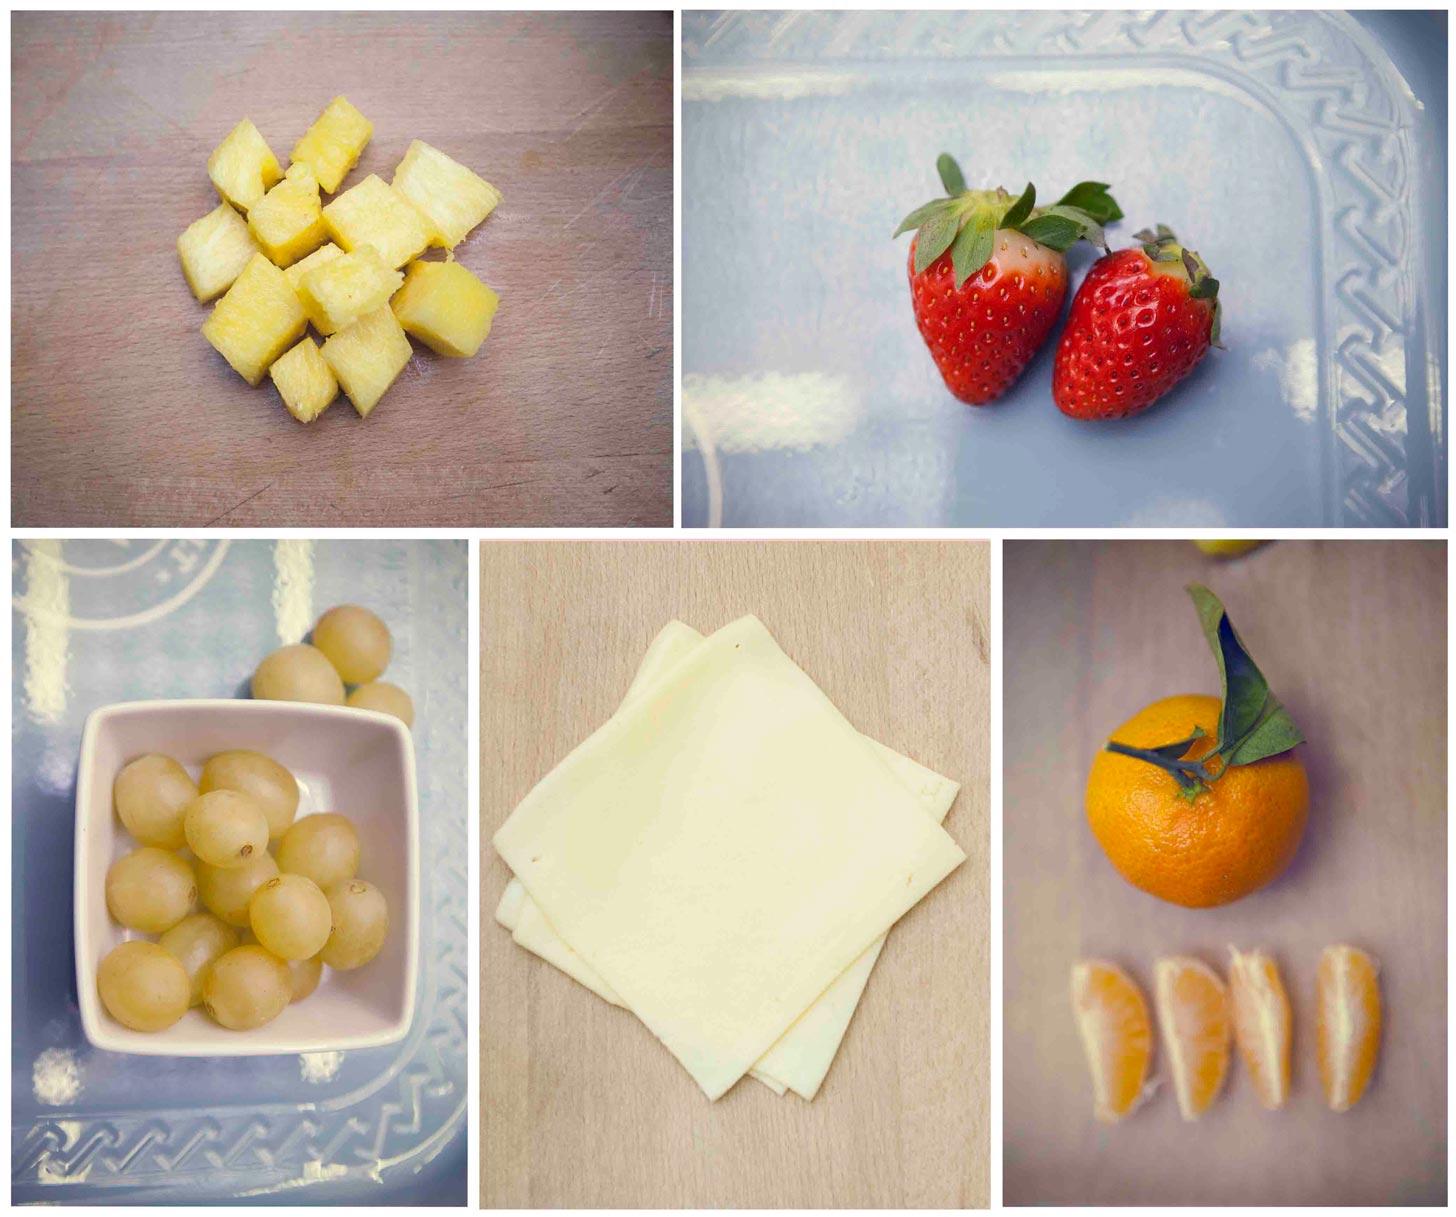 Platos ligeros con fruta